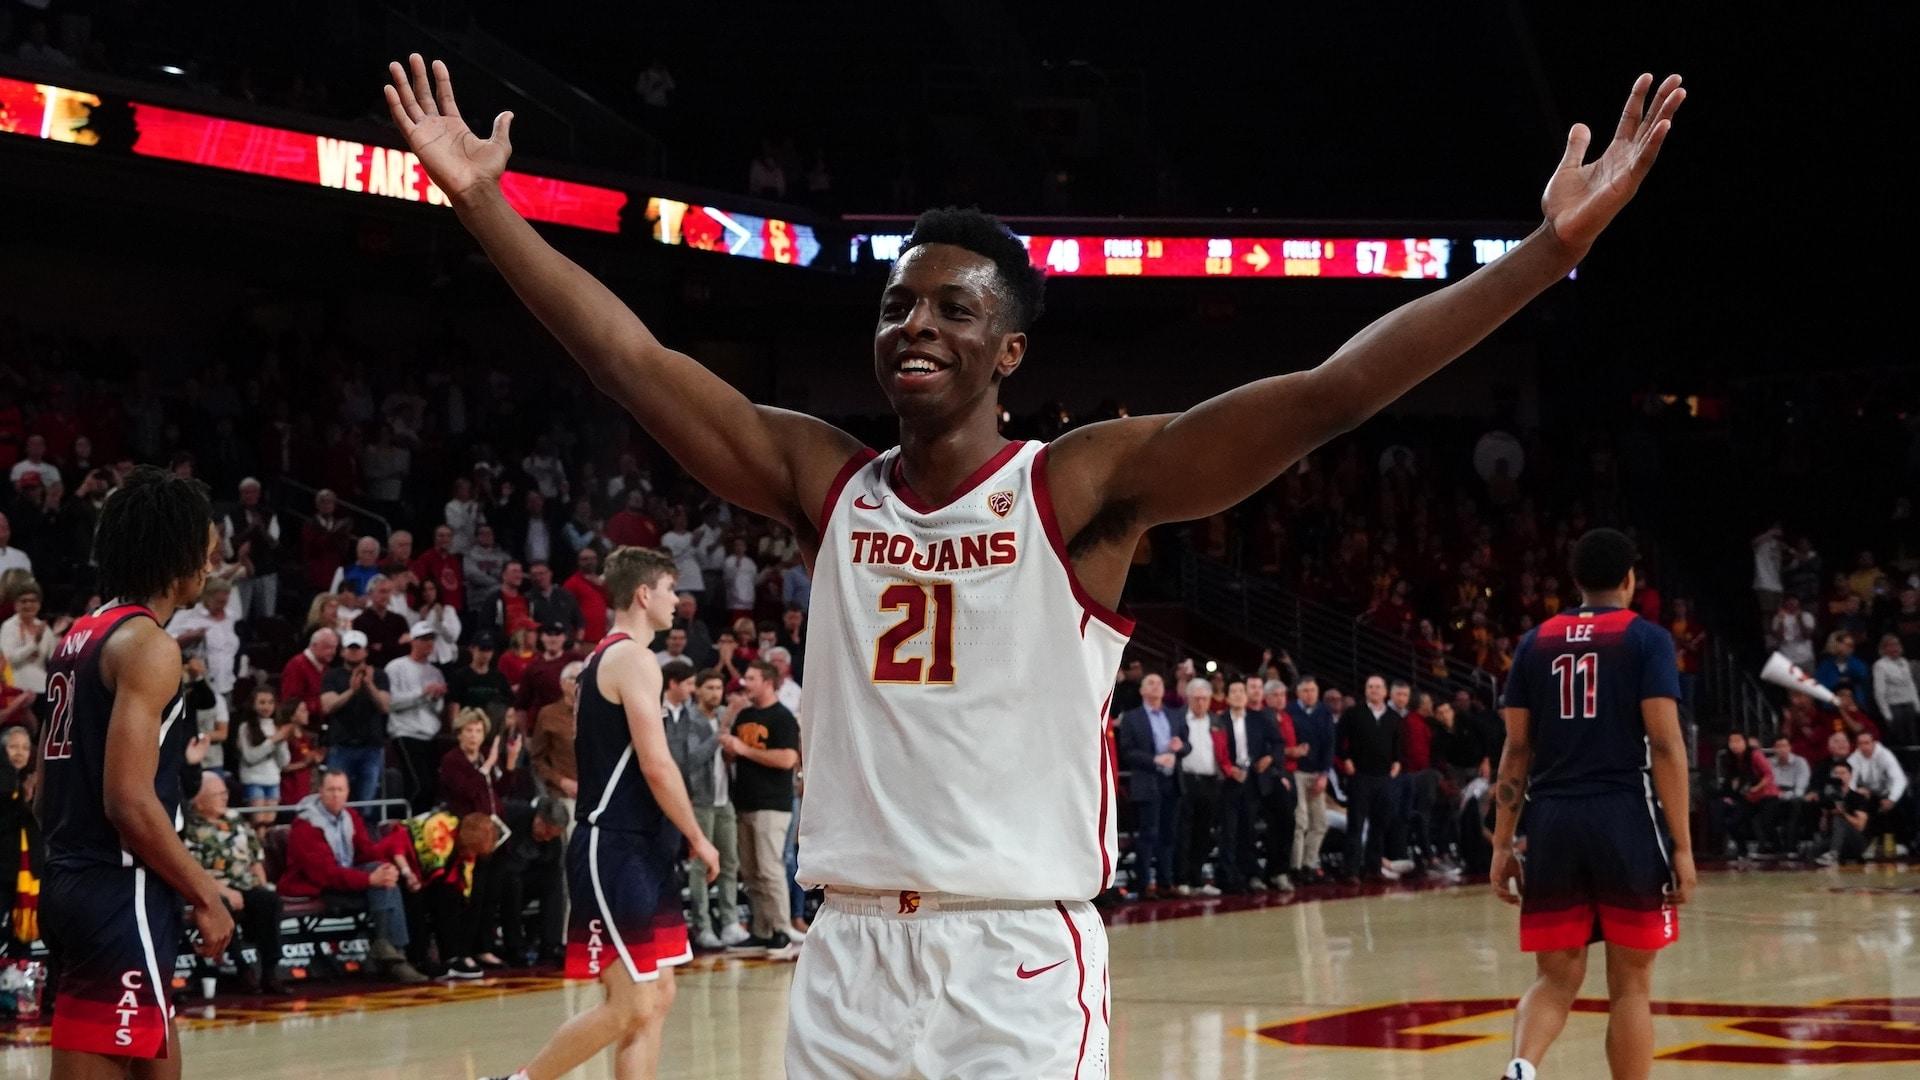 USC freshman Onyeka Okongwu declares for NBA Draft